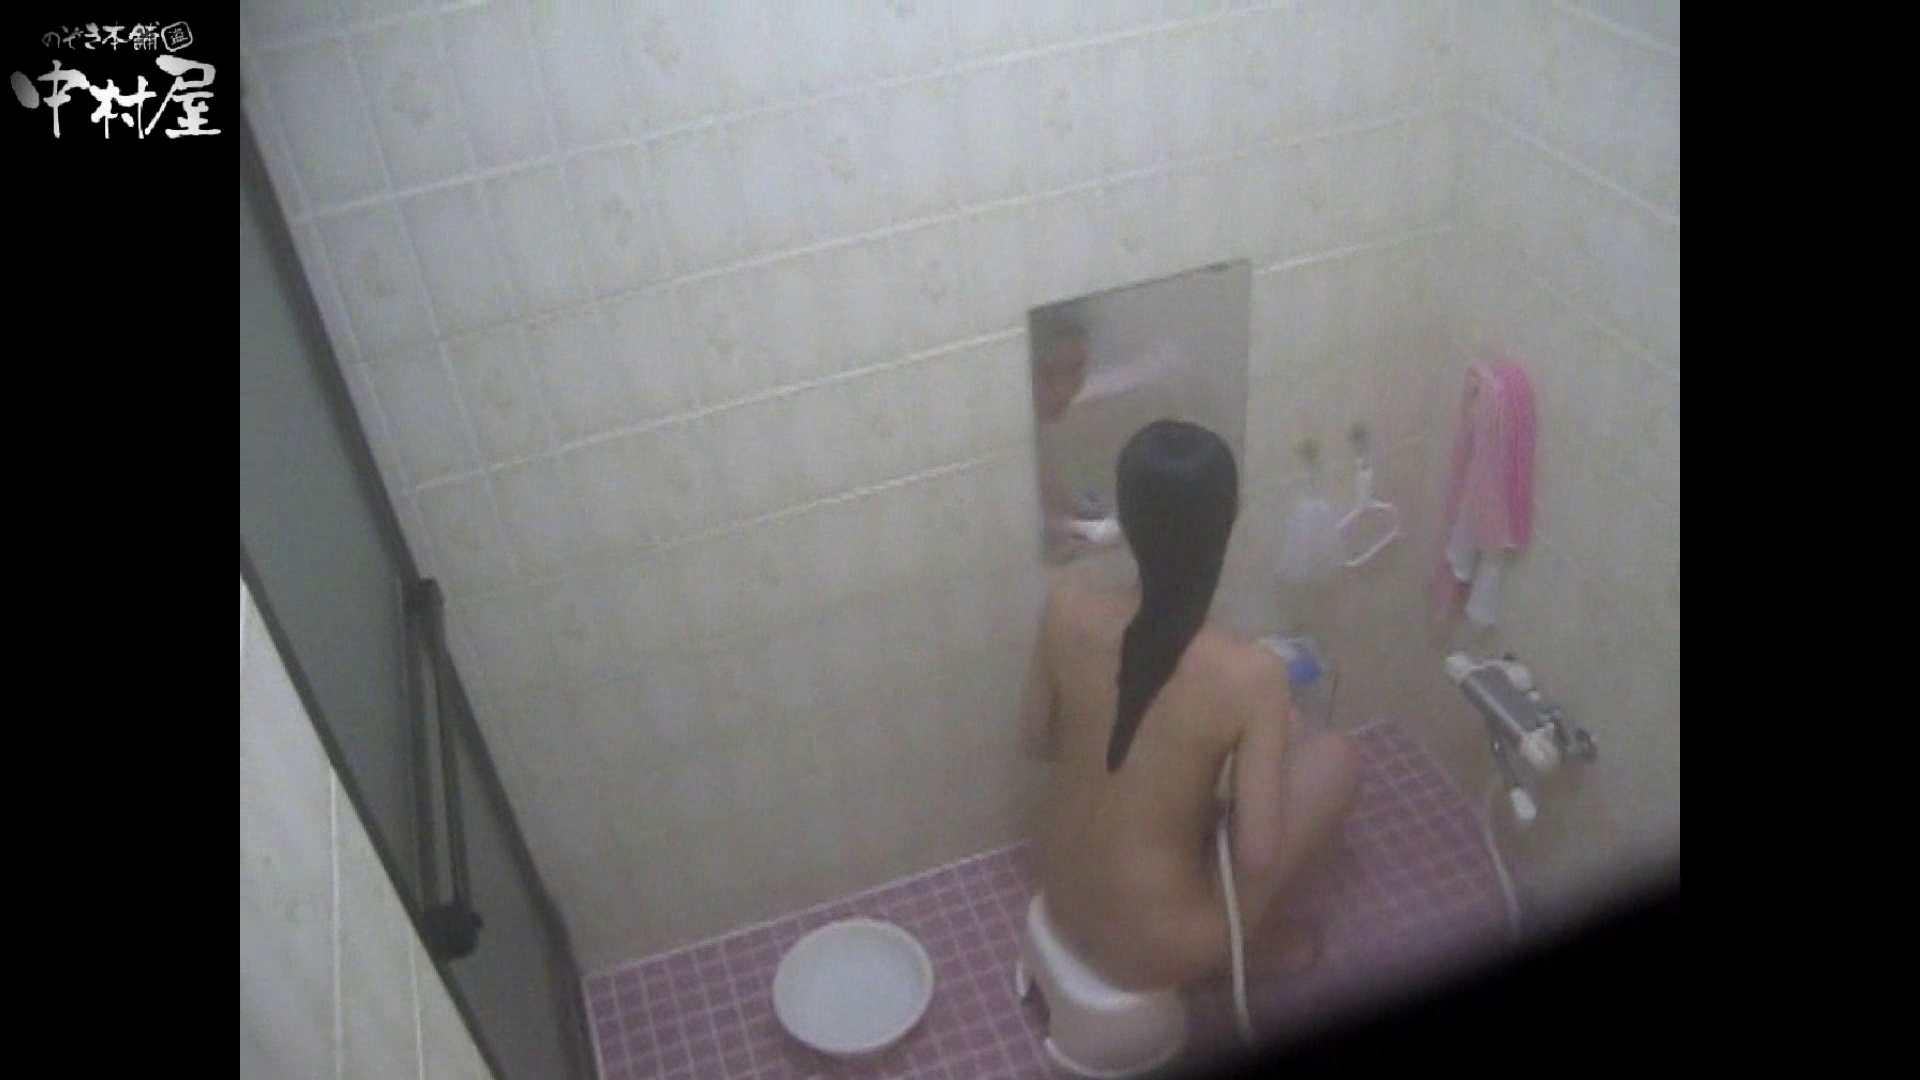 民家風呂専門盗撮師の超危険映像 vol.010 OLのエロ生活 ヌード画像 90連発 26